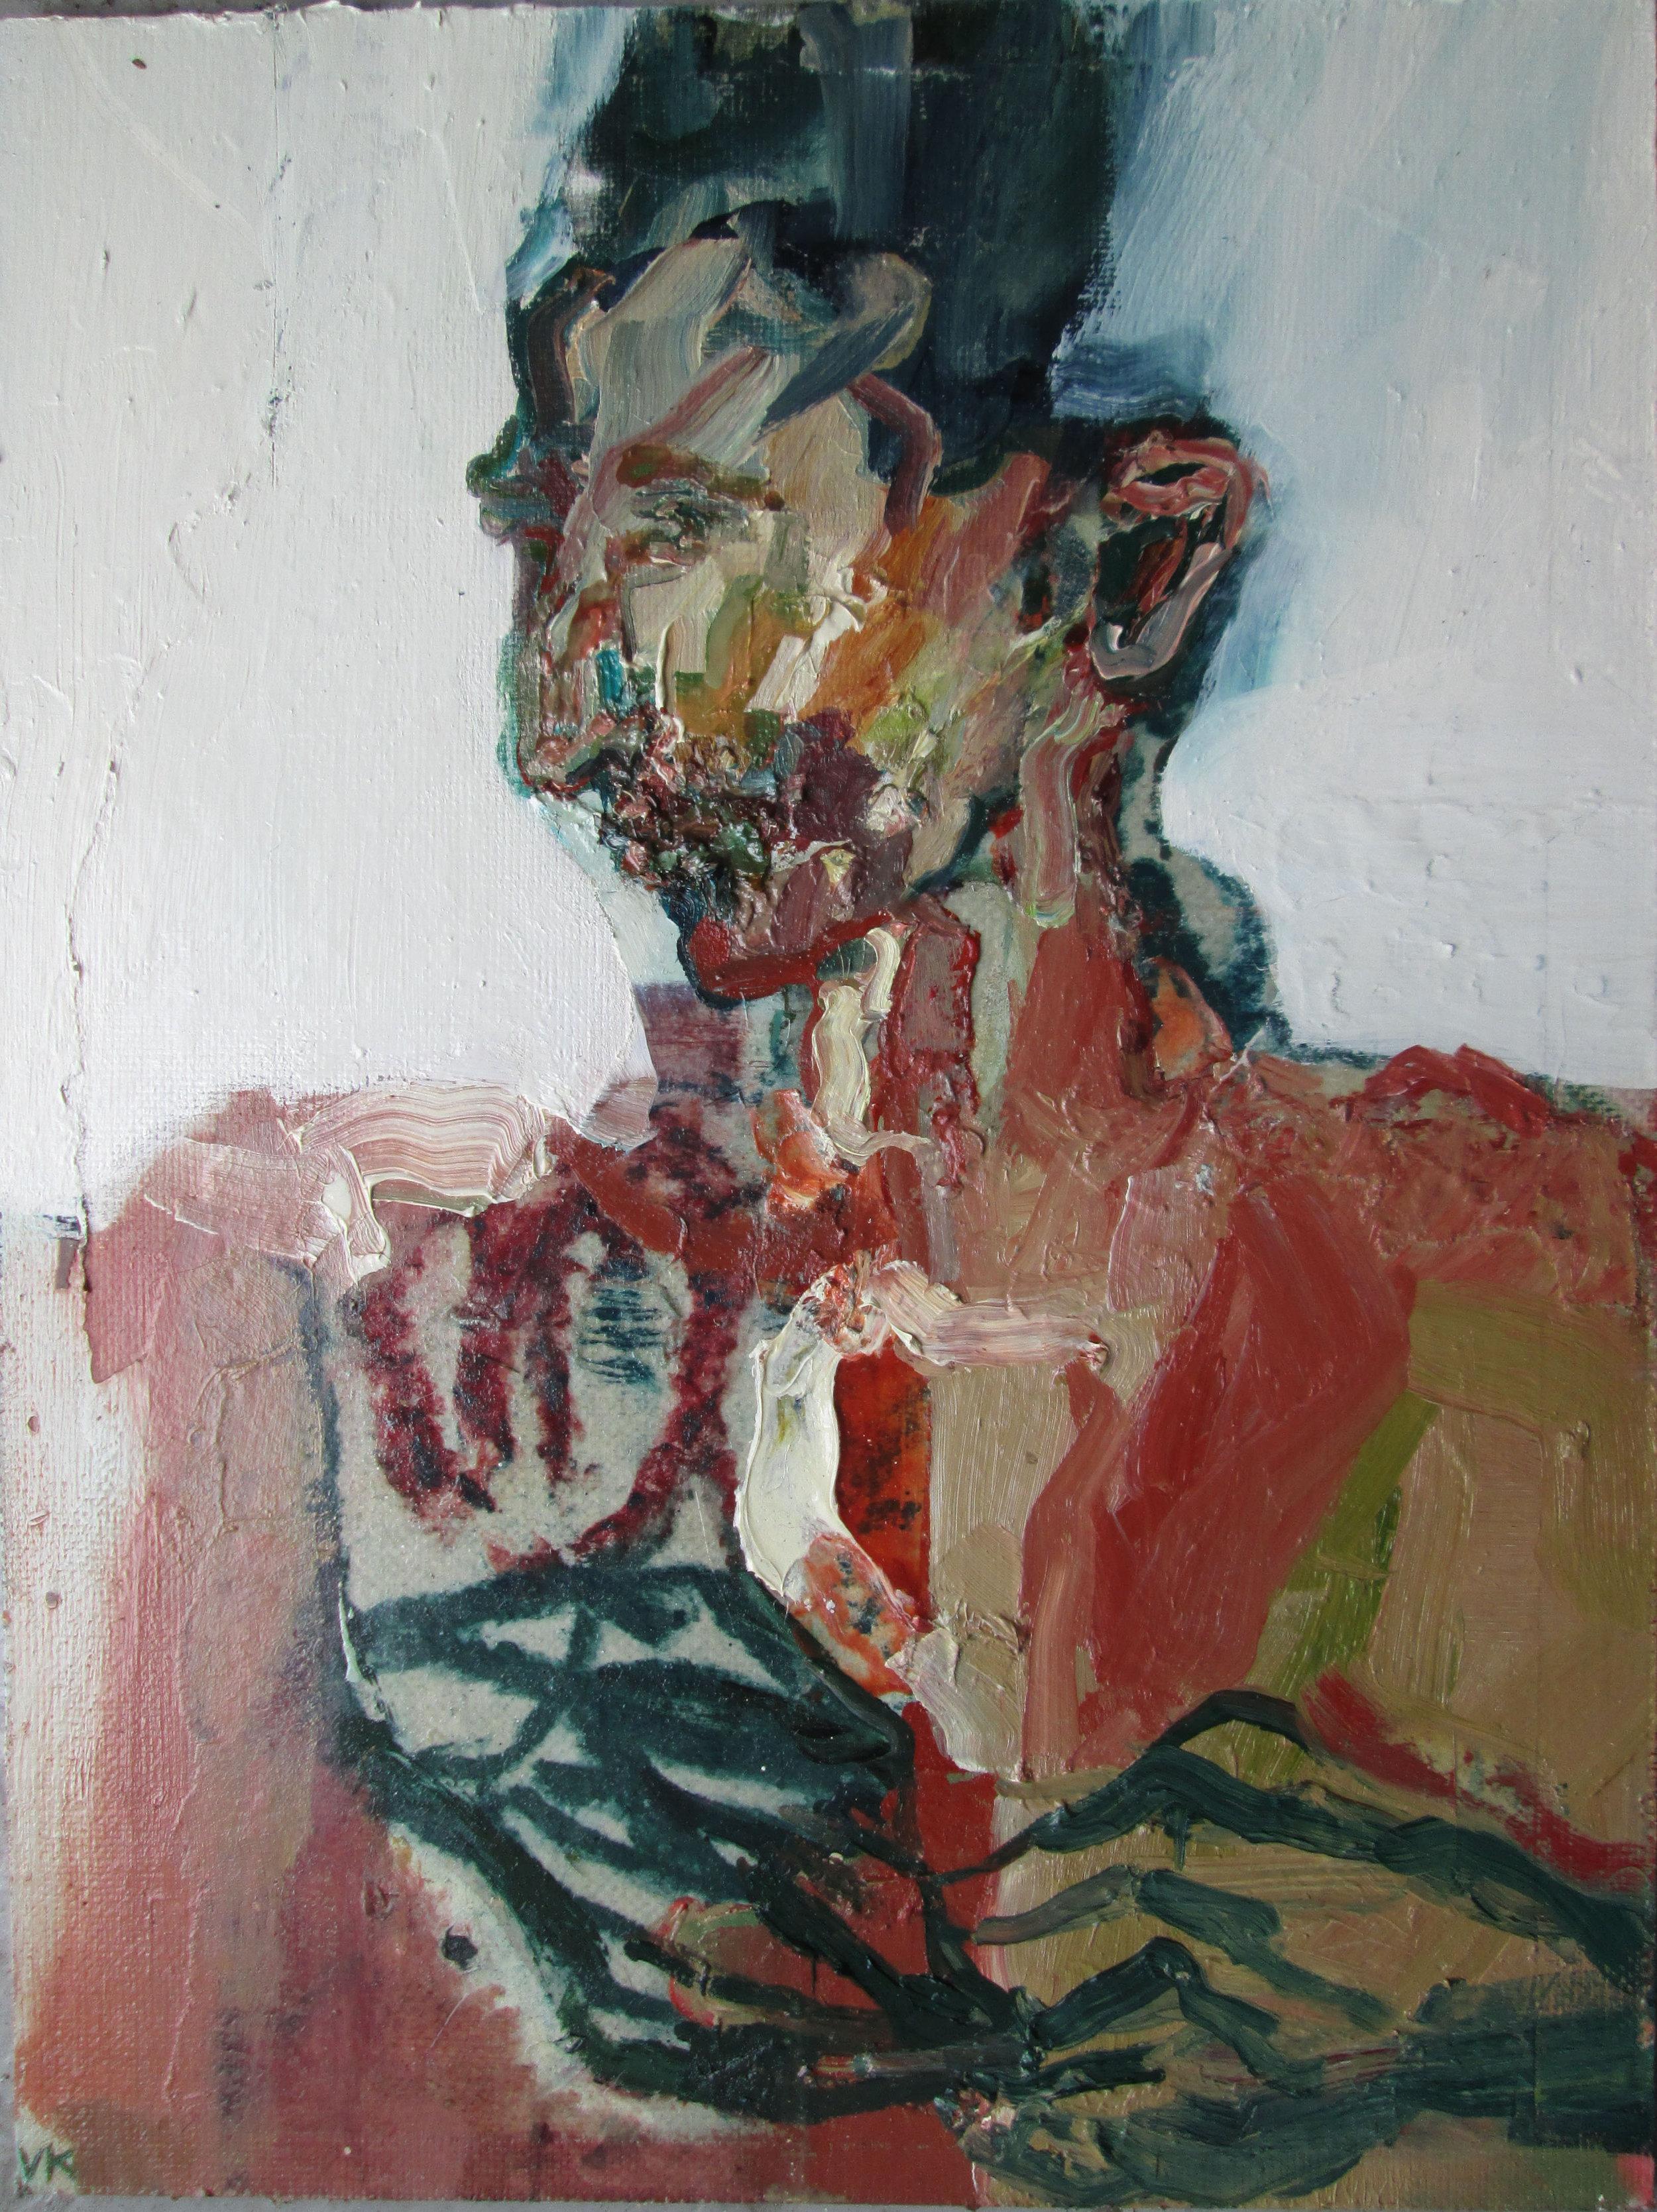 Title: Sleep Walking Vapour  Size: 48 x 38 cm  Medium: Oil on linen panel  Price: £1350